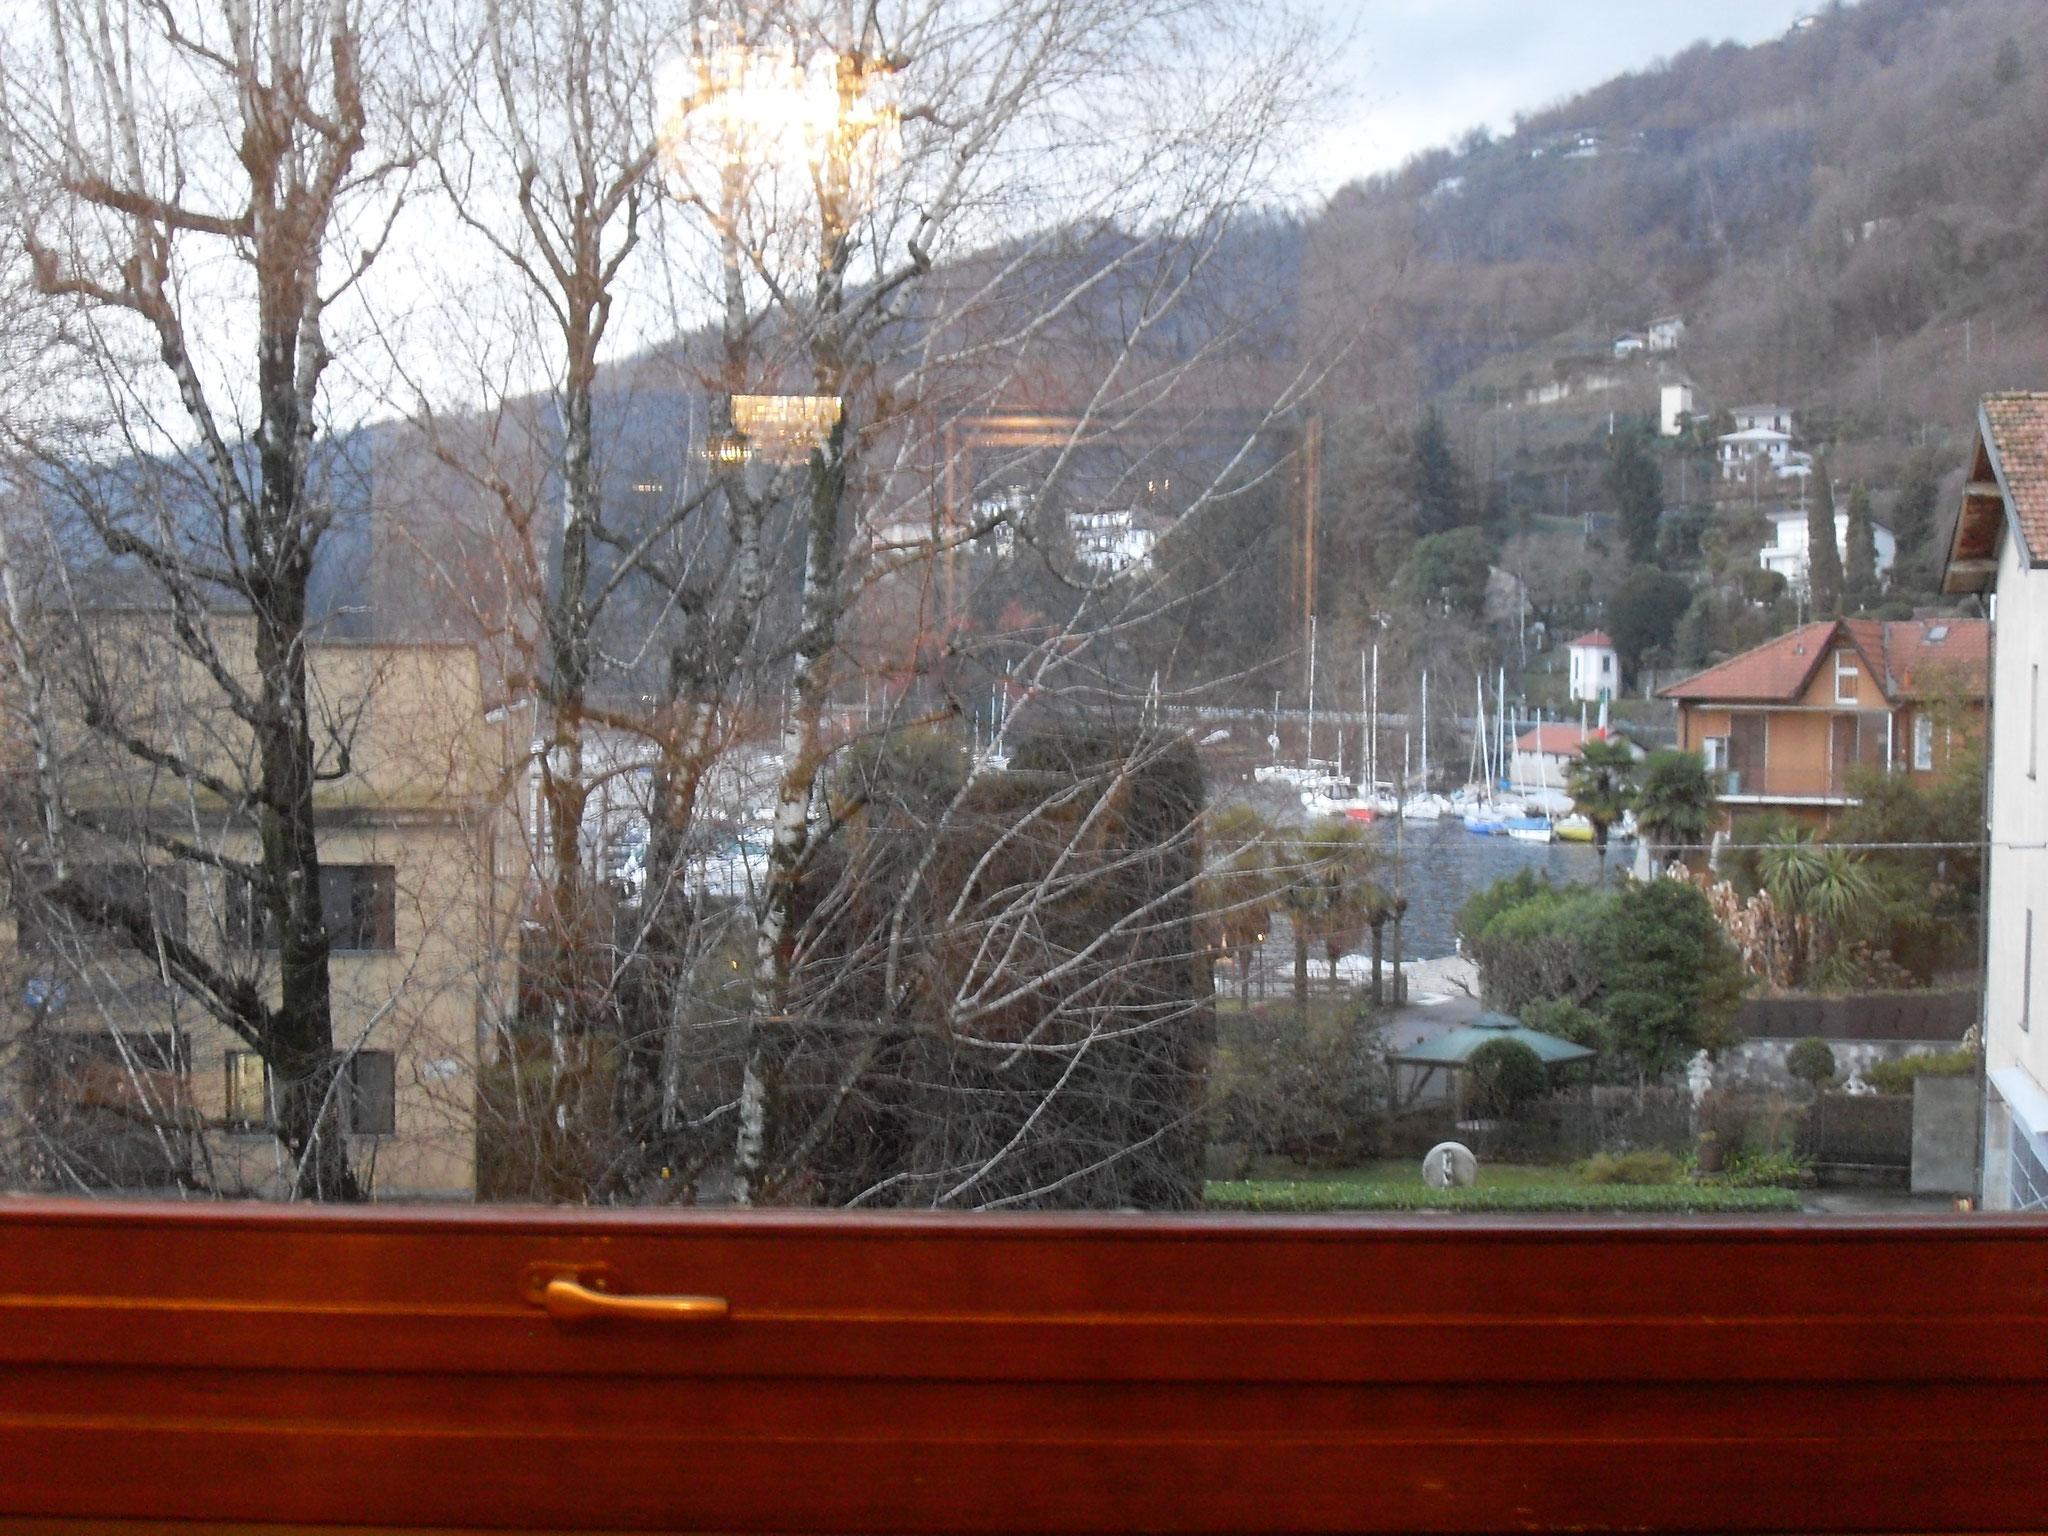 Wohnzimmer: Blick aus dem Fenster